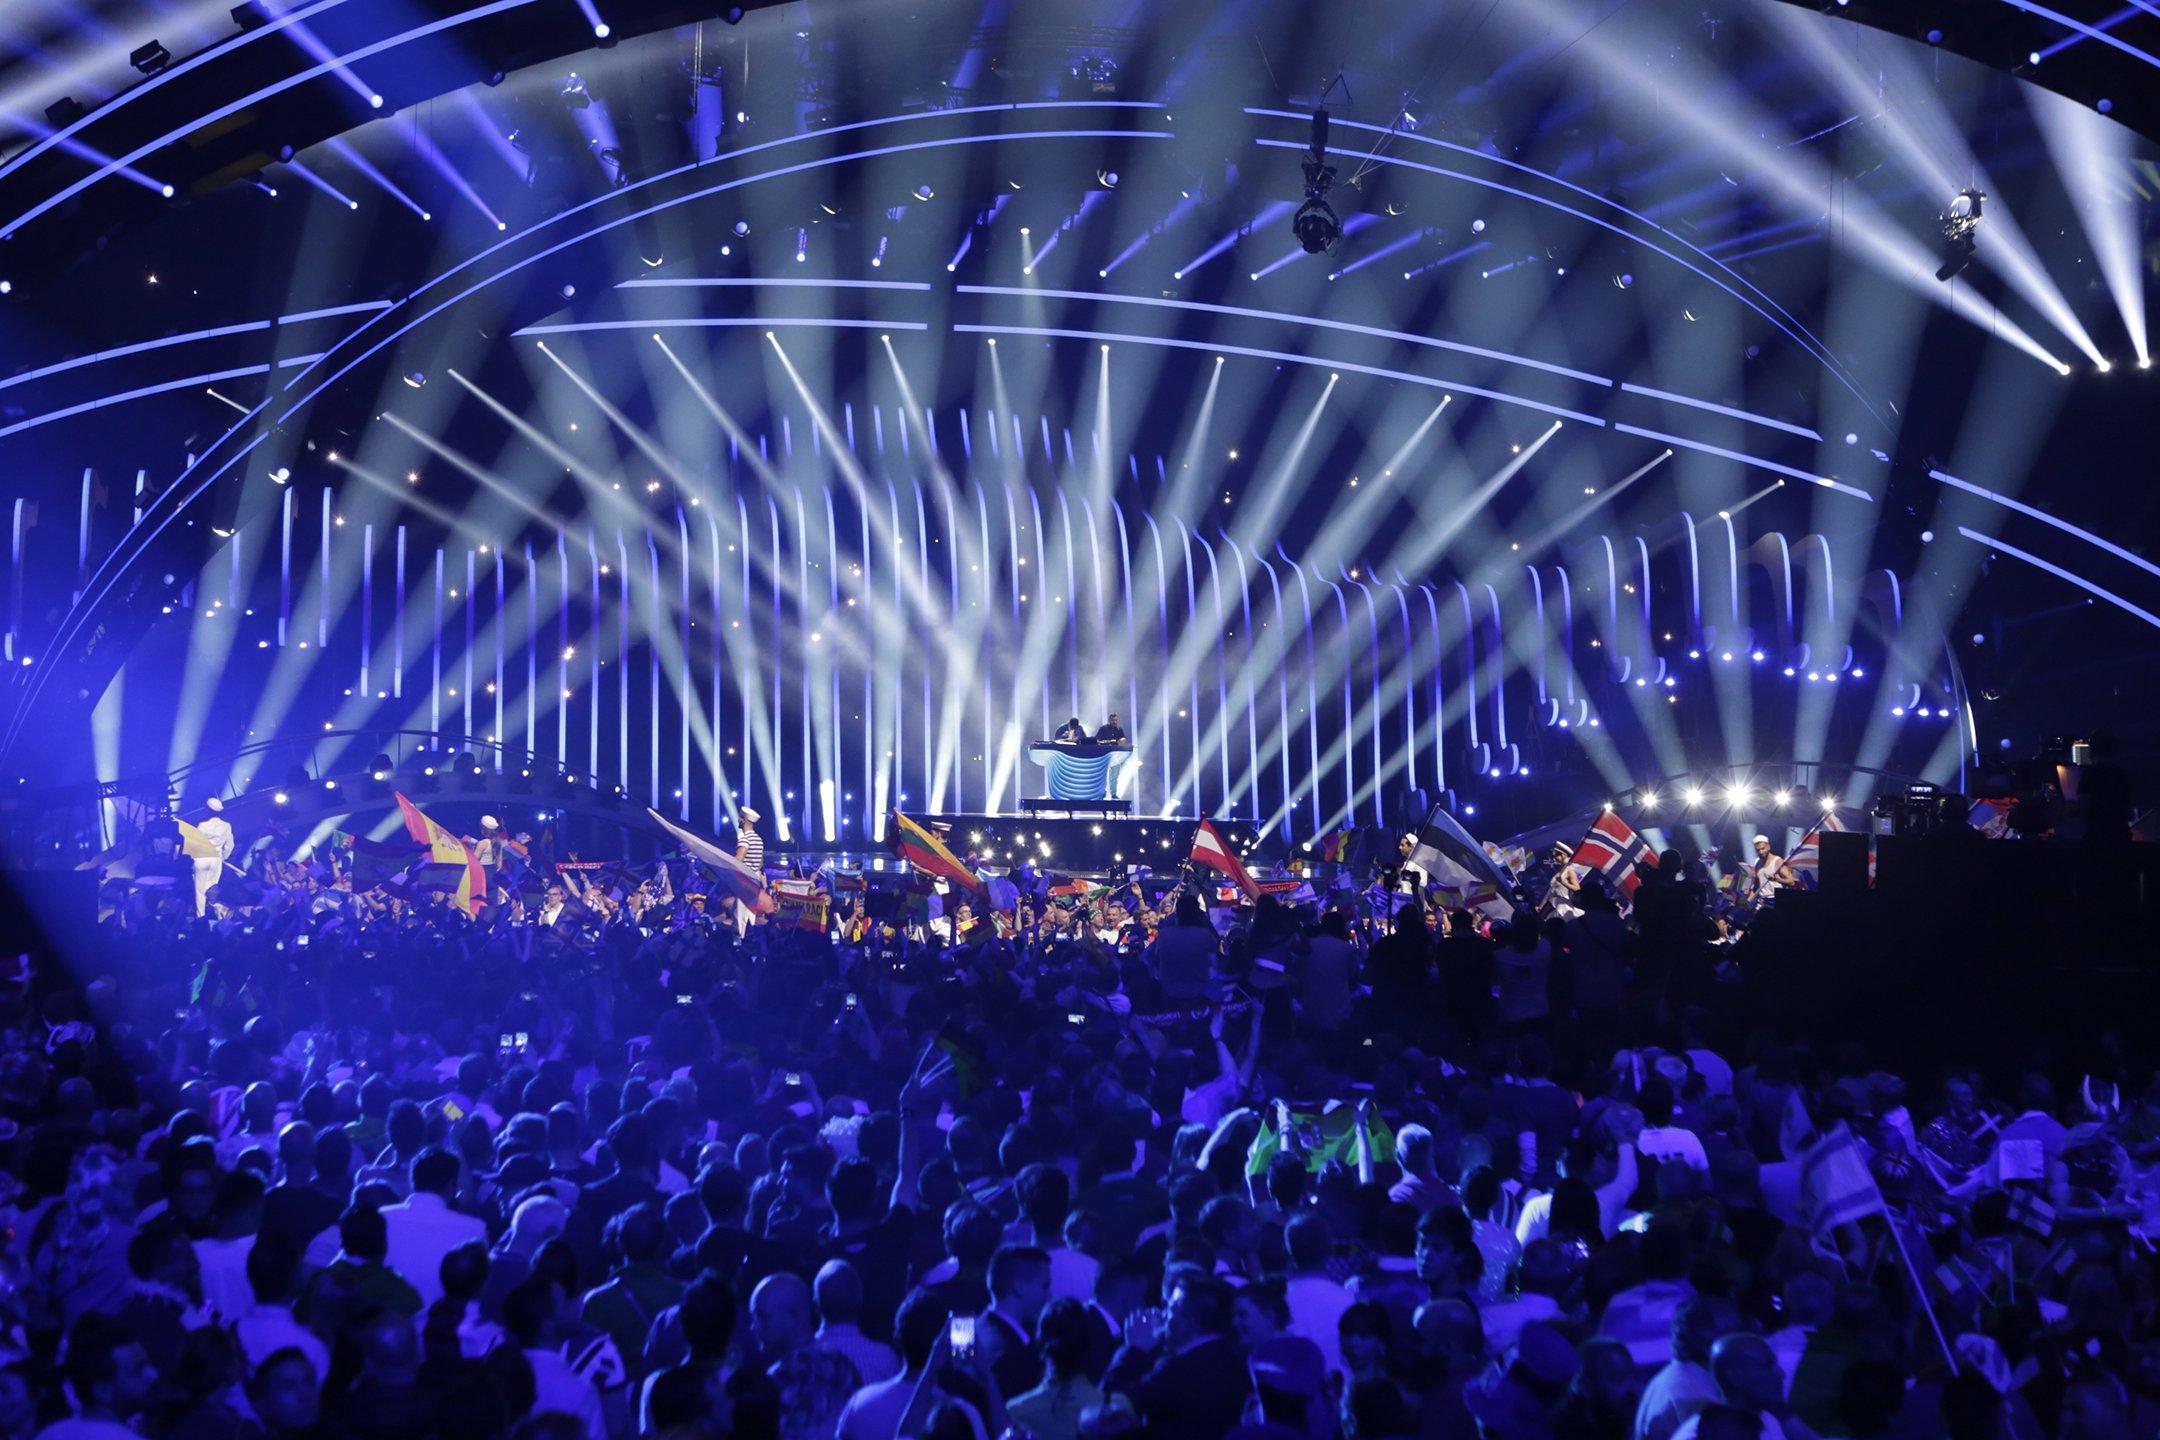 Eurovision 2018 Stage / Photo: Thomas Hanses, EBU